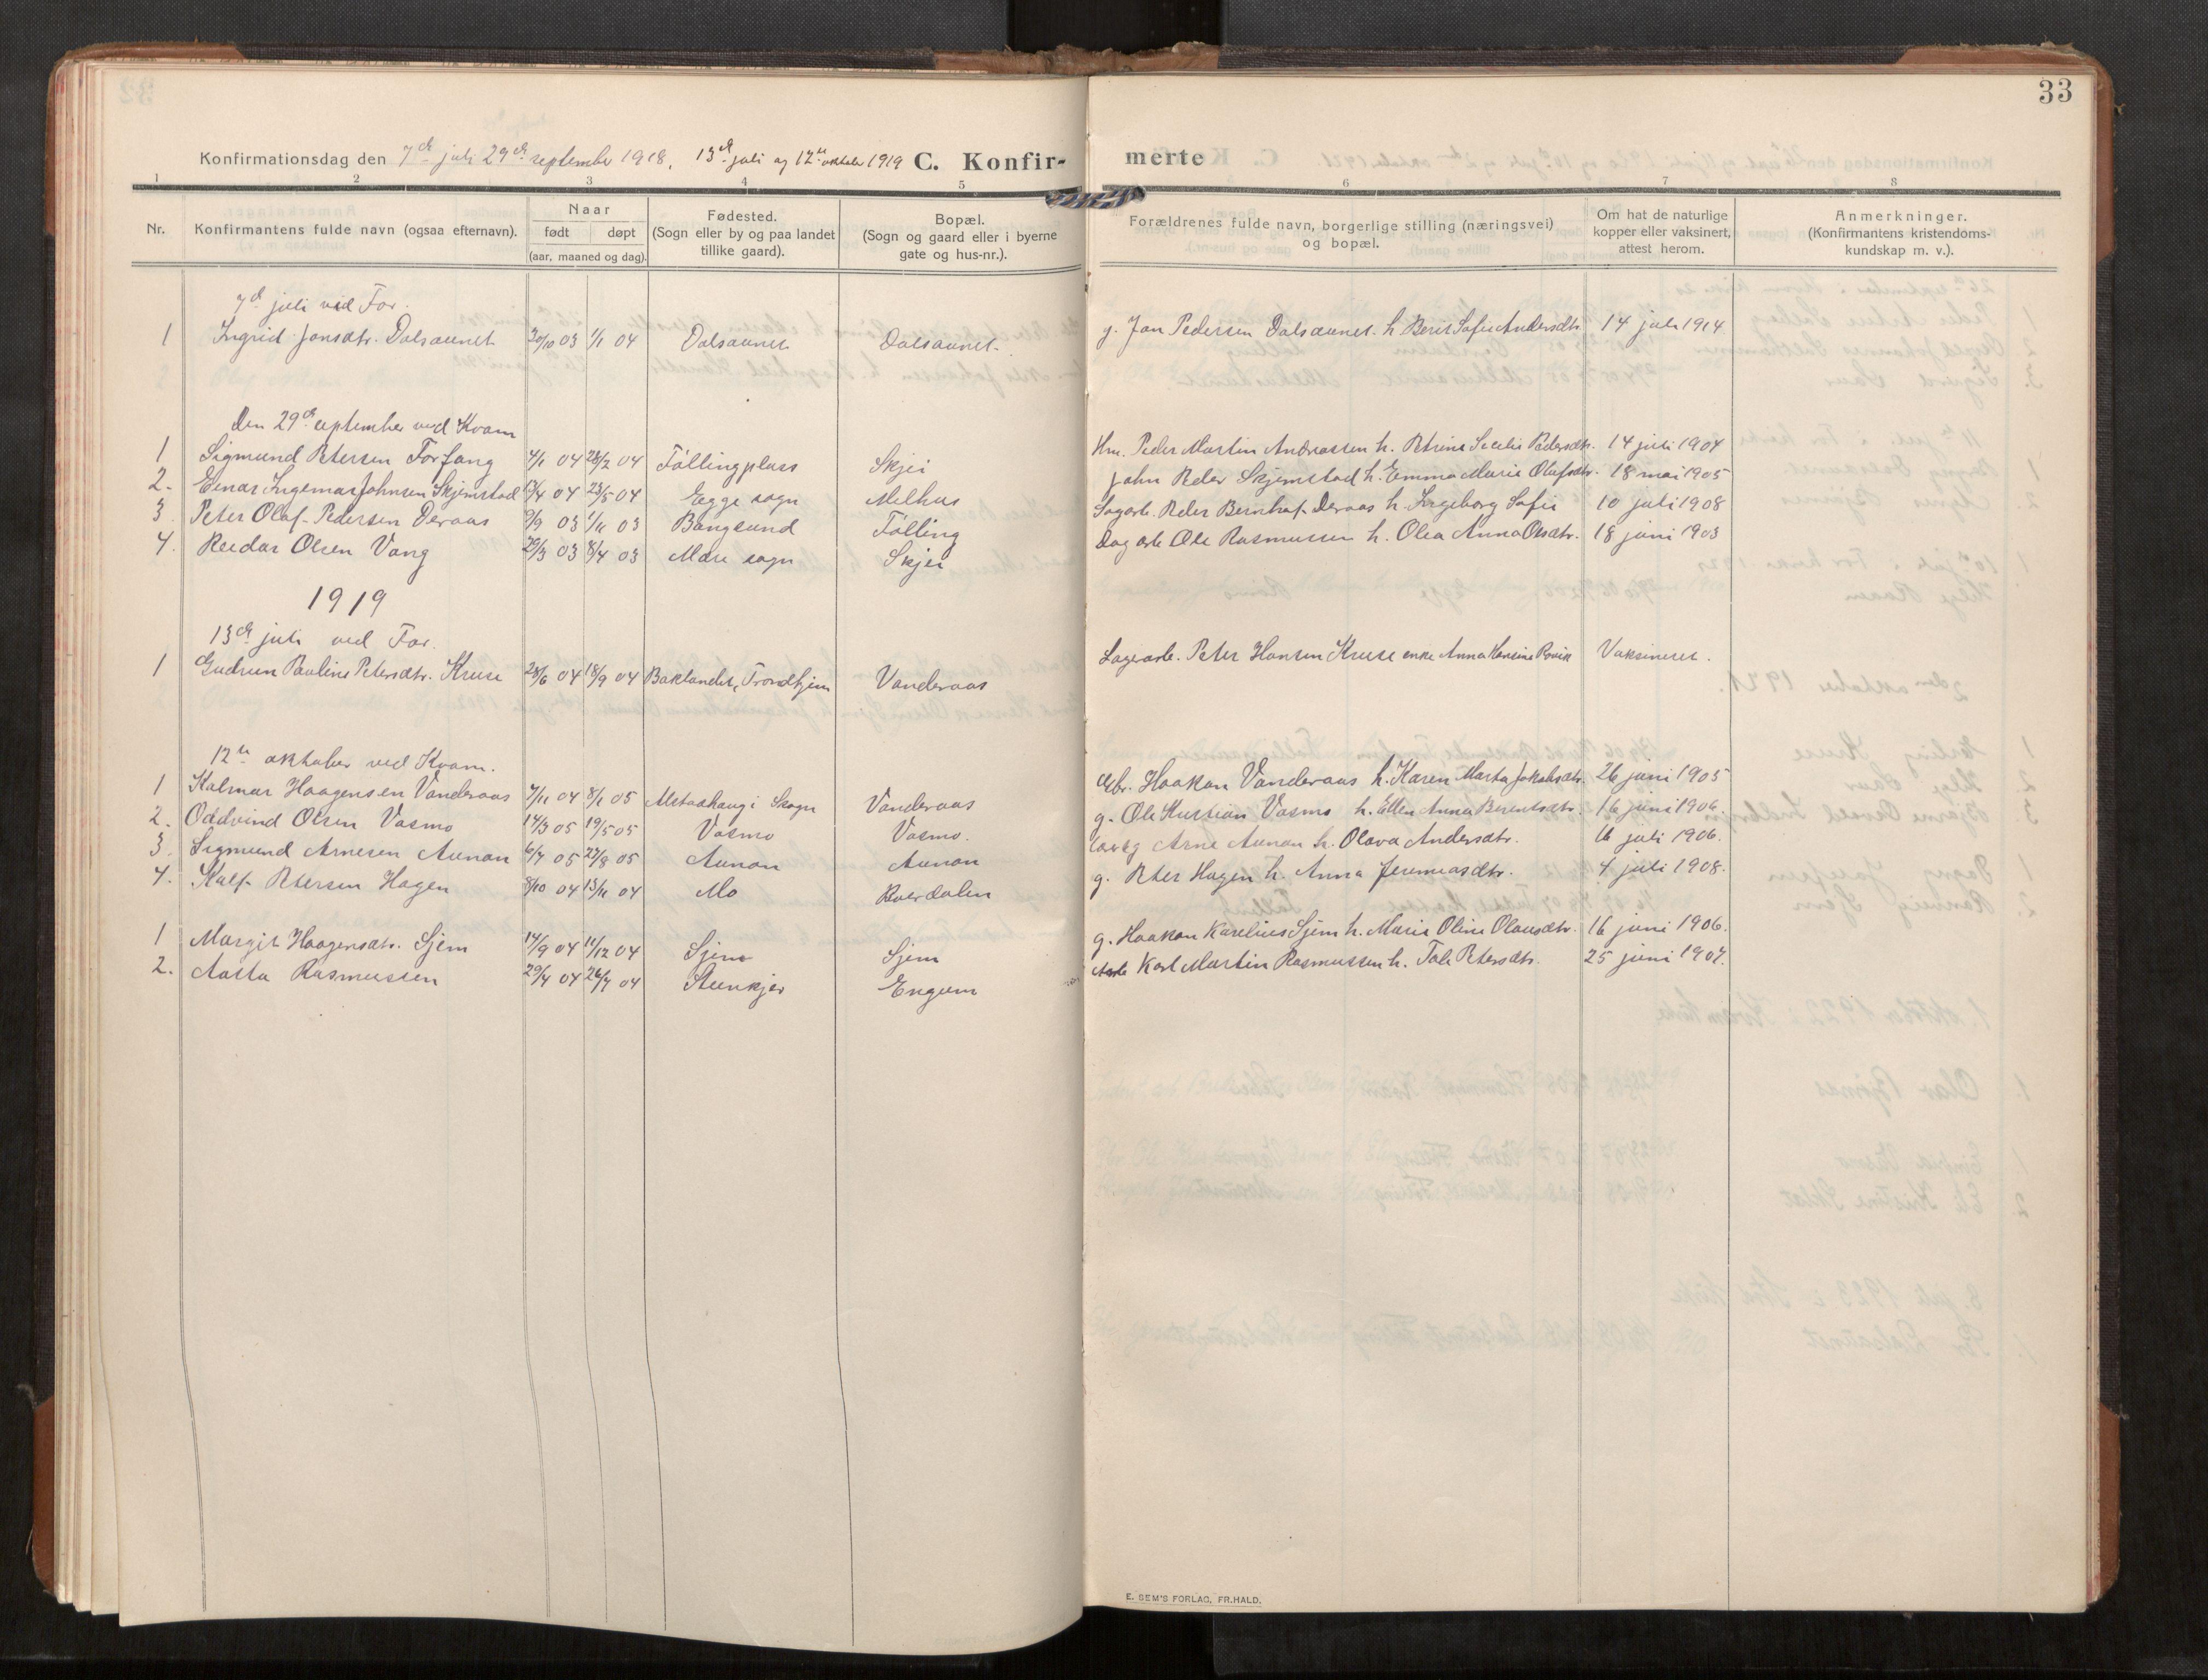 SAT, Stod sokneprestkontor, I/I1/I1a/L0003: Parish register (official) no. 3, 1909-1934, p. 33